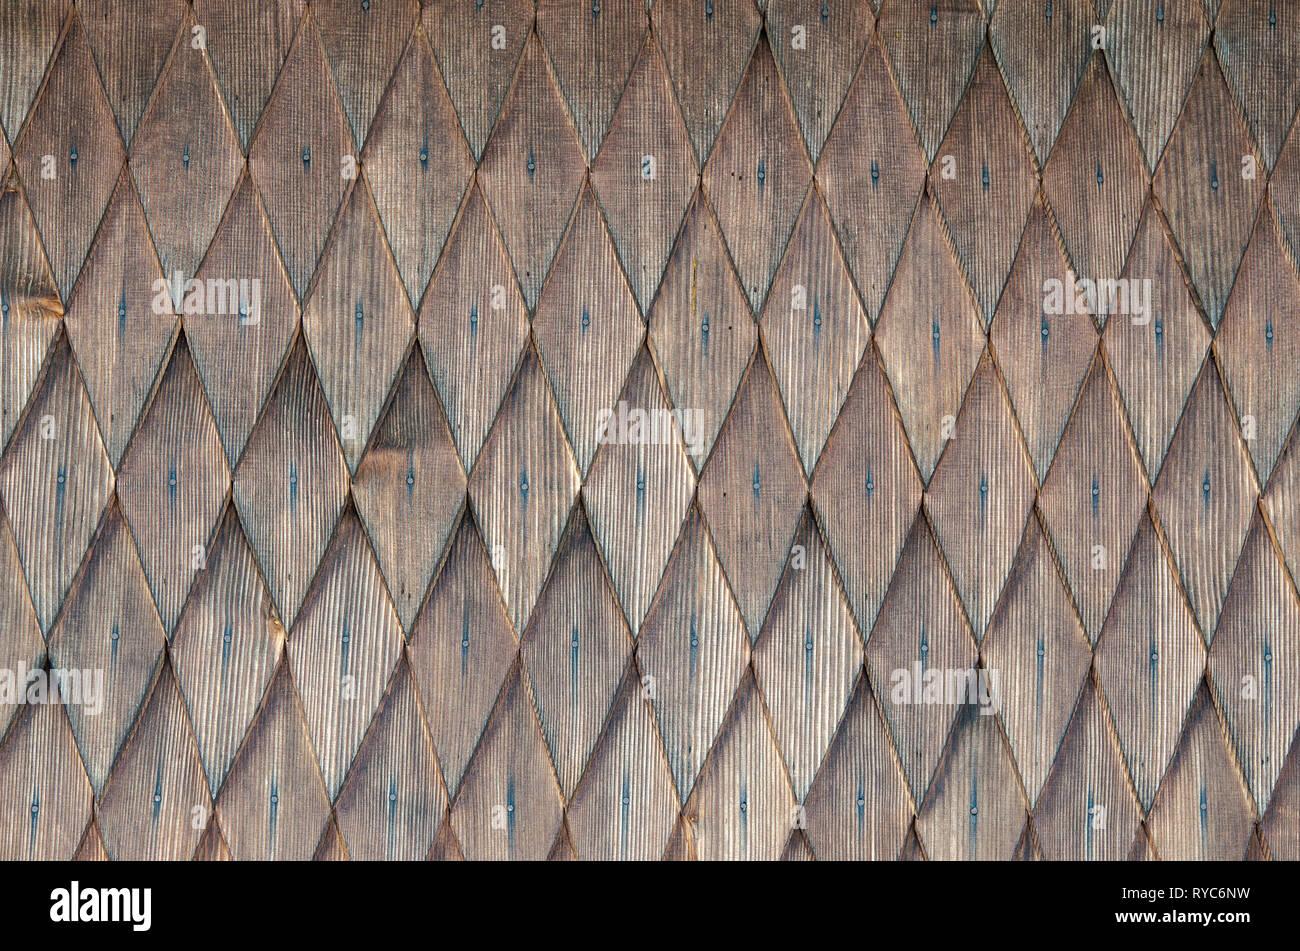 Antecedentes de filas sucesivas de rombos de madera. Patrón de figuras geométricas del rombo. Fondo de madera en blanco. Textura de madera. Antecedentes de una w Foto de stock